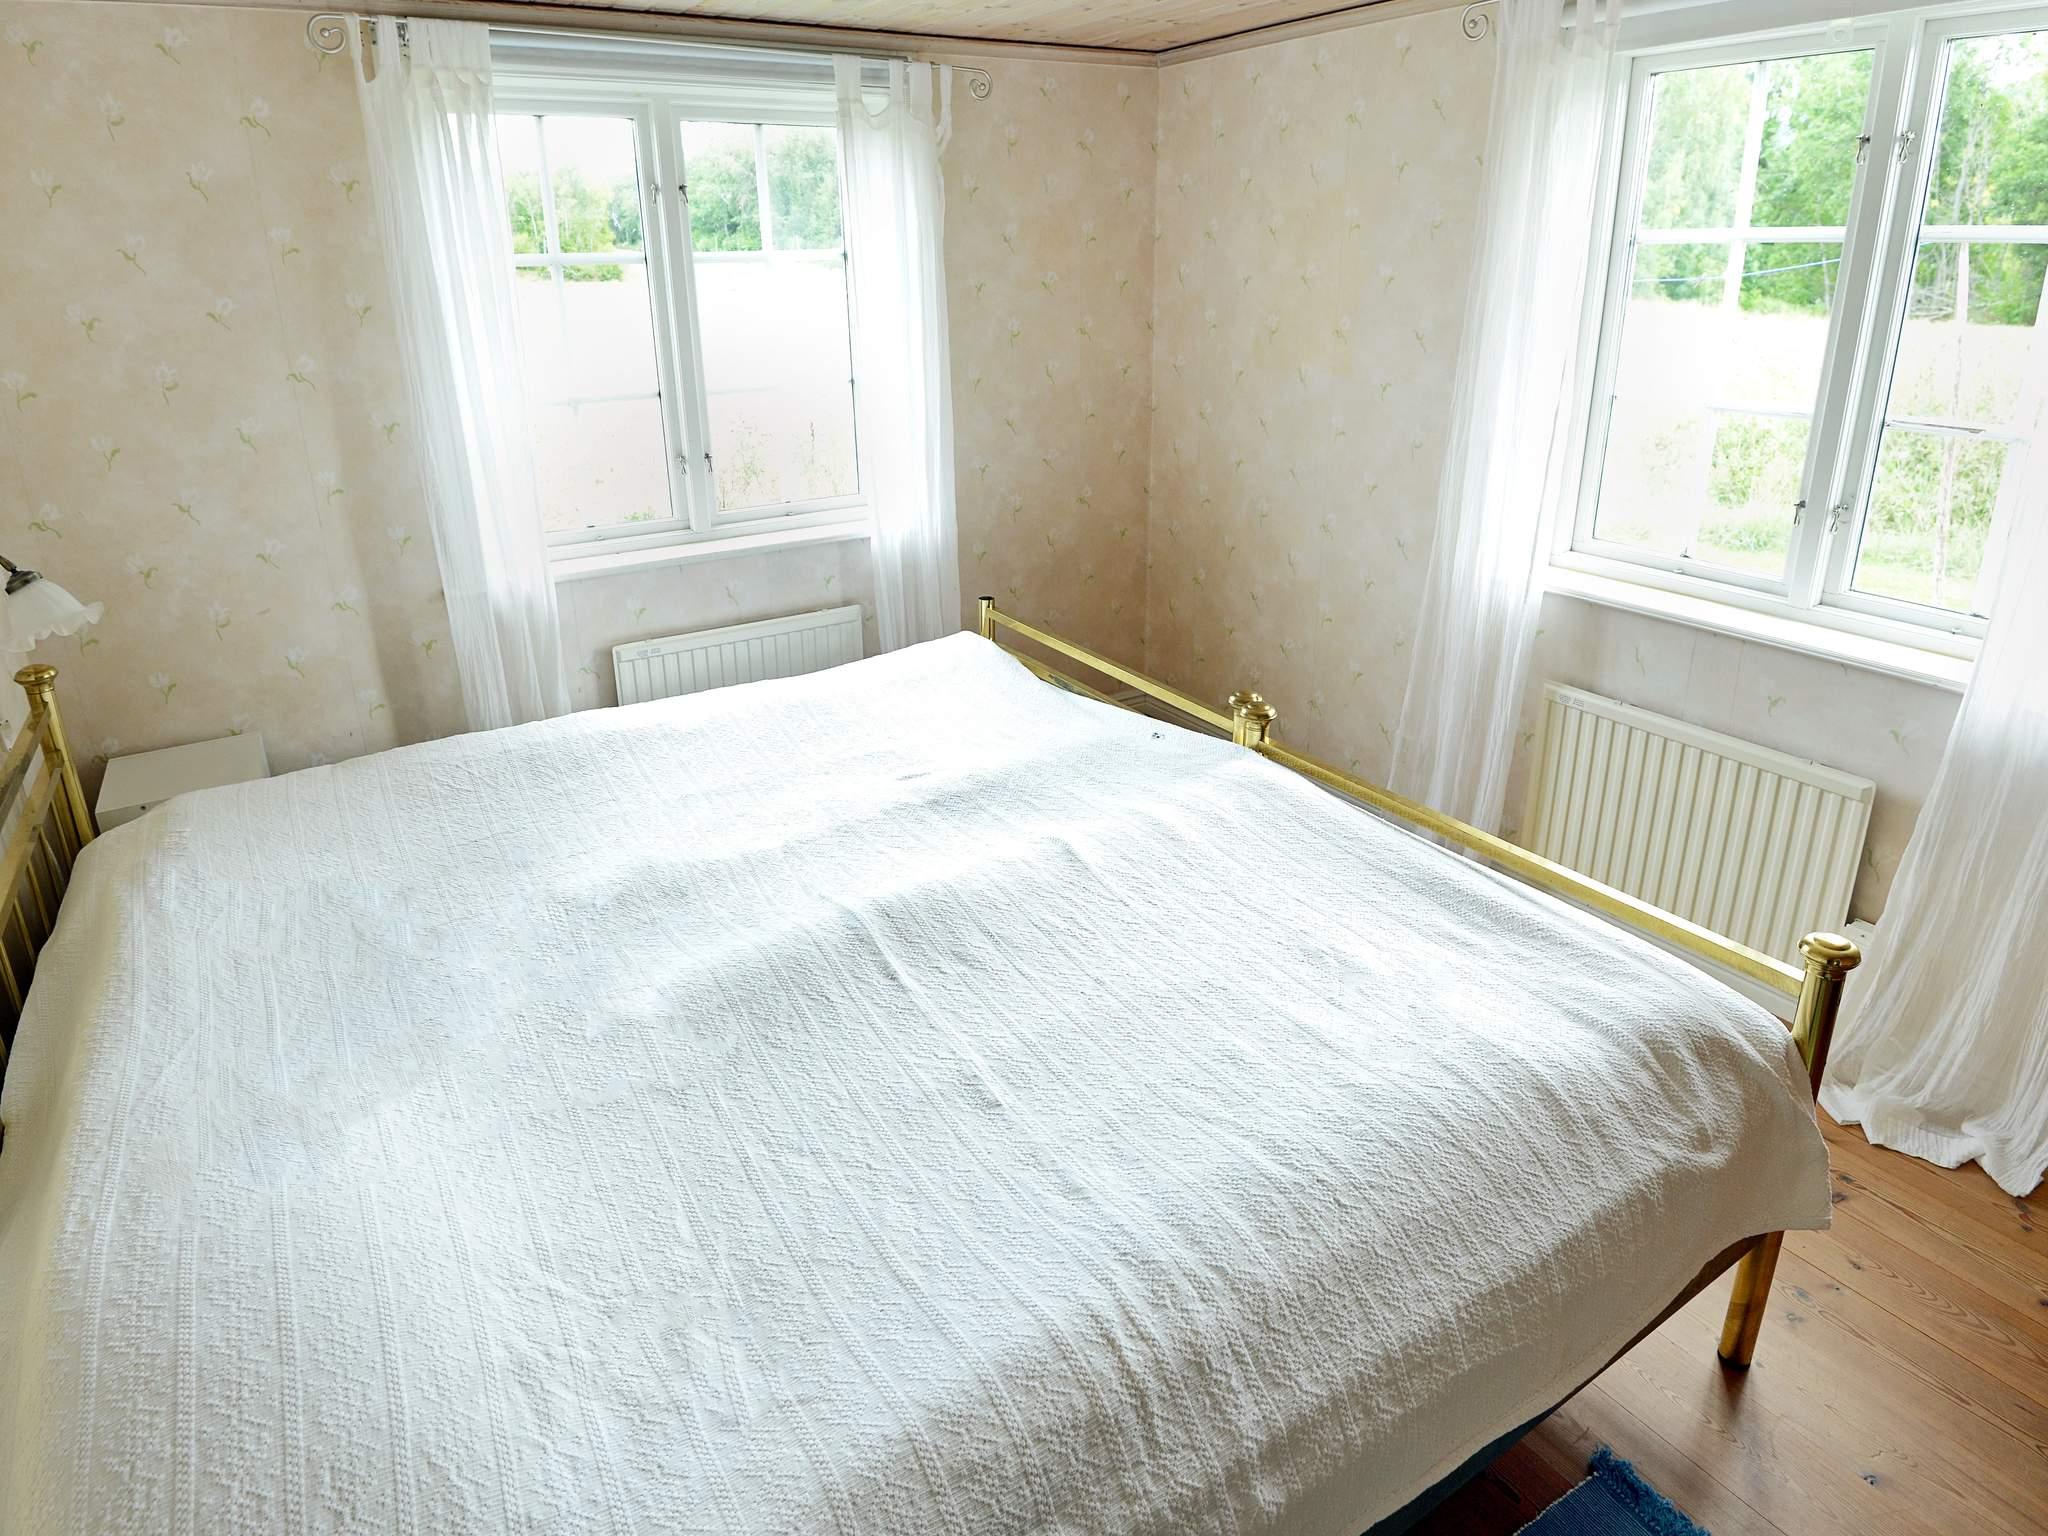 Ferienhaus Strängnäs (93280), Strängnäs, Södermanlands län, Mittelschweden, Schweden, Bild 7